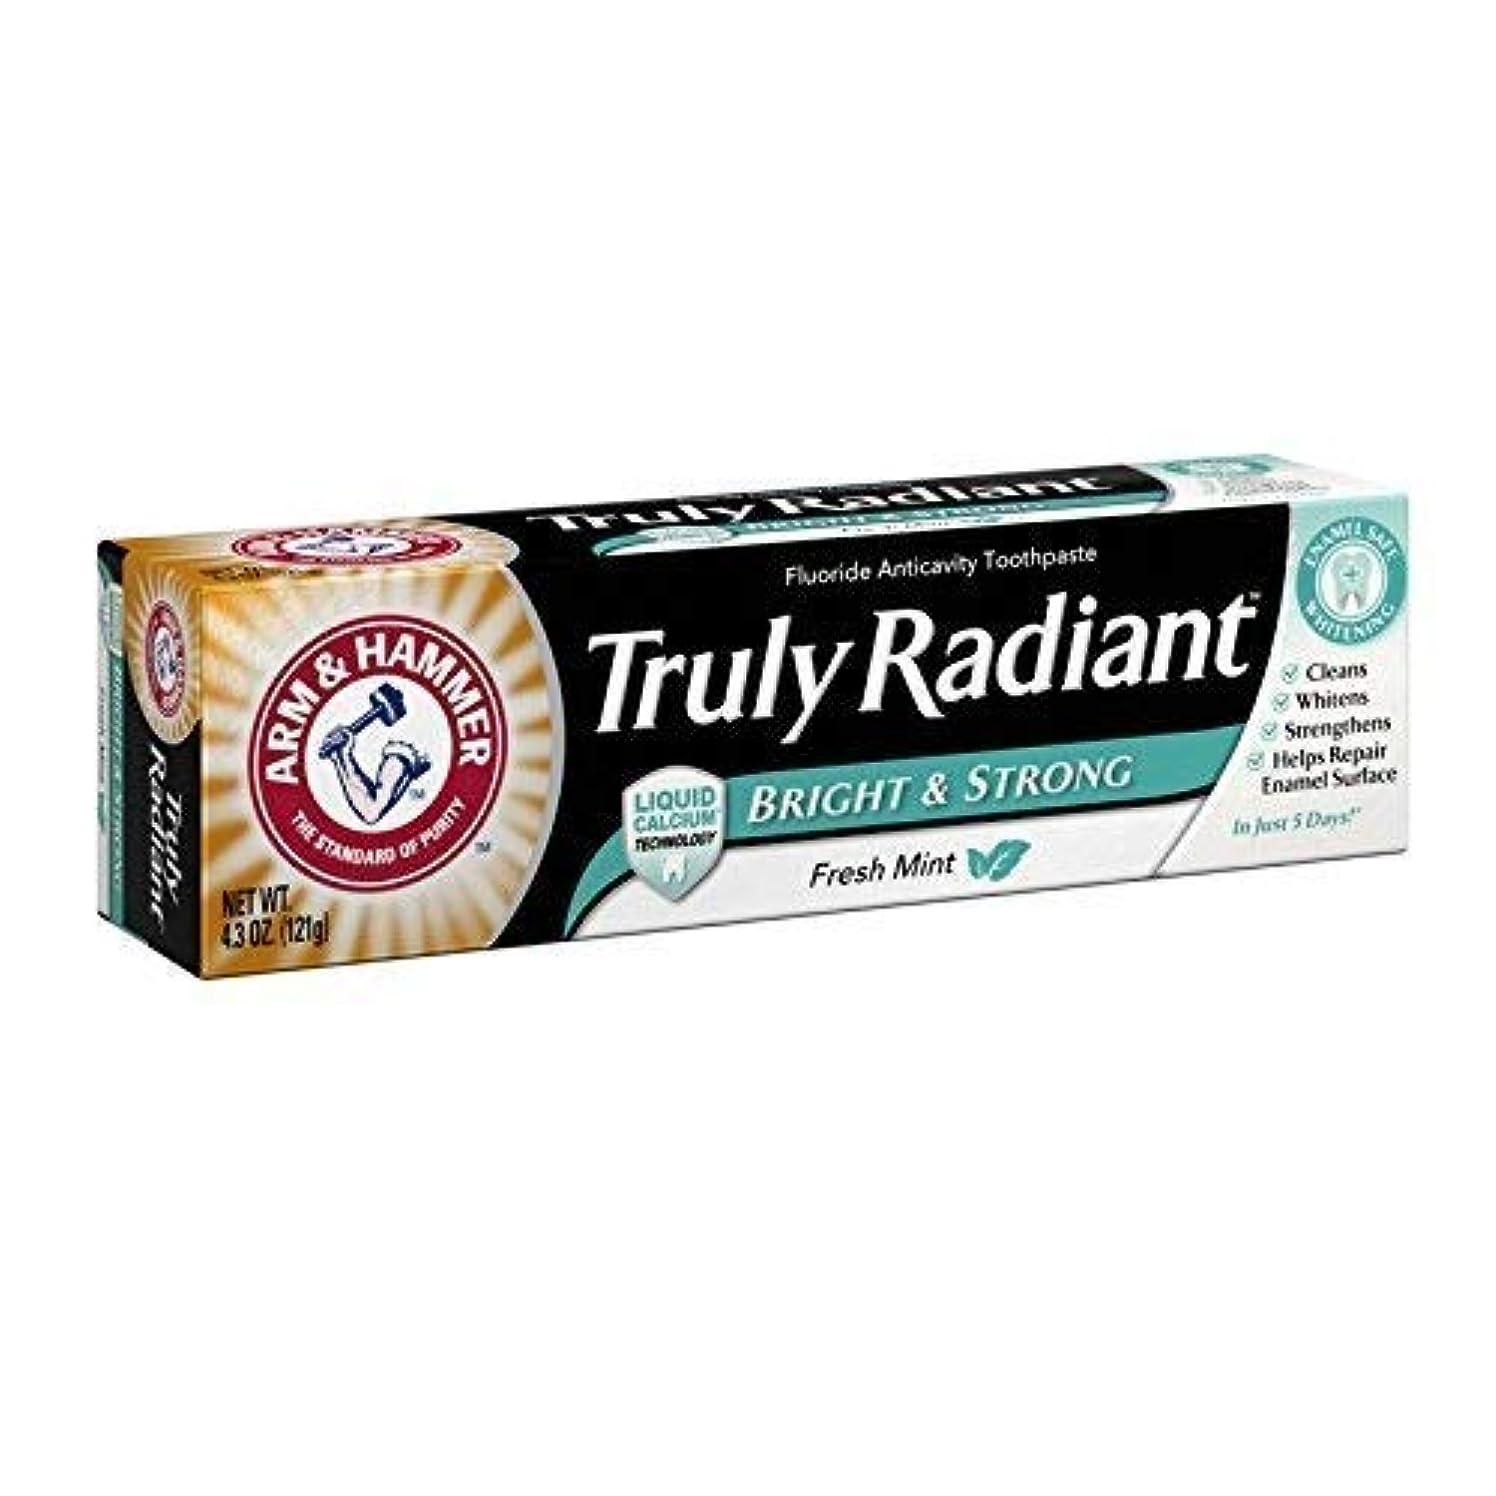 リットル必需品月面Arm & Hammer 本当にラディアン明るい&ストロングフッ化物虫歯予防歯磨きフレッシュミント4.3オズ 4.3 NET WT。